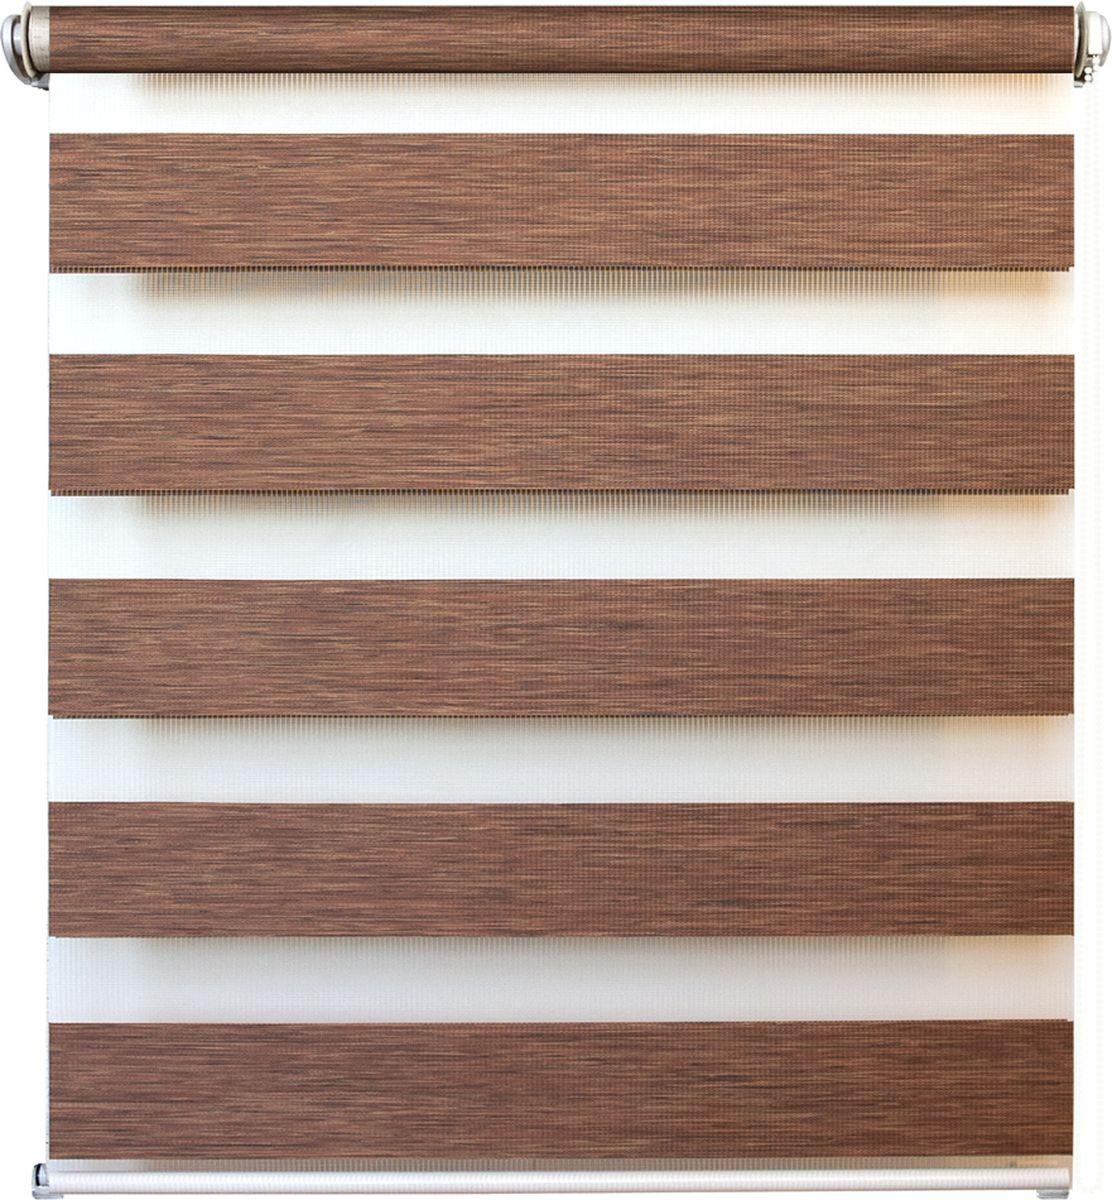 Штора рулонная день/ночь Уют Канзас, цвет: коричневый, 40 х 160 см62.РШТО.8922.040х160Штора рулонная день/ночь Уют Канзас выполнена из прочного полиэстера, в котором чередуются полосы различной плотности и фактуры. Управление двойным слоем ткани с помощью цепочки позволяет регулировать степень светопроницаемости шторы. Если совпали плотные полосы, то прозрачные будут открыты максимально. Это положение шторы называется День. Максимальное затемнение помещения достигается при полном совпадении полос разных фактур. Это положение шторы называется Ночь. Конструкция шторы также позволяет полностью свернуть полотно, обеспечив максимальное открытие окна. Рулонная штора - это разновидность штор, которая закрывает не весь оконный проем, а непосредственно само стекло. Такая штора очень компактна, что помогает сэкономить пространство. Универсальная конструкция позволяет монтировать штору на стену, потолок, деревянные или пластиковые рамы окон. В комплект входят кронштейны и нижний утяжелитель. Возможна установка с управлением цепочкой как справа, так и слева. Такая штора станет прекрасным элементом декора окна и гармонично впишется в интерьер любого помещения. Классический дизайн подойдет для гостиной, спальни, кухни, кабинета или офиса.